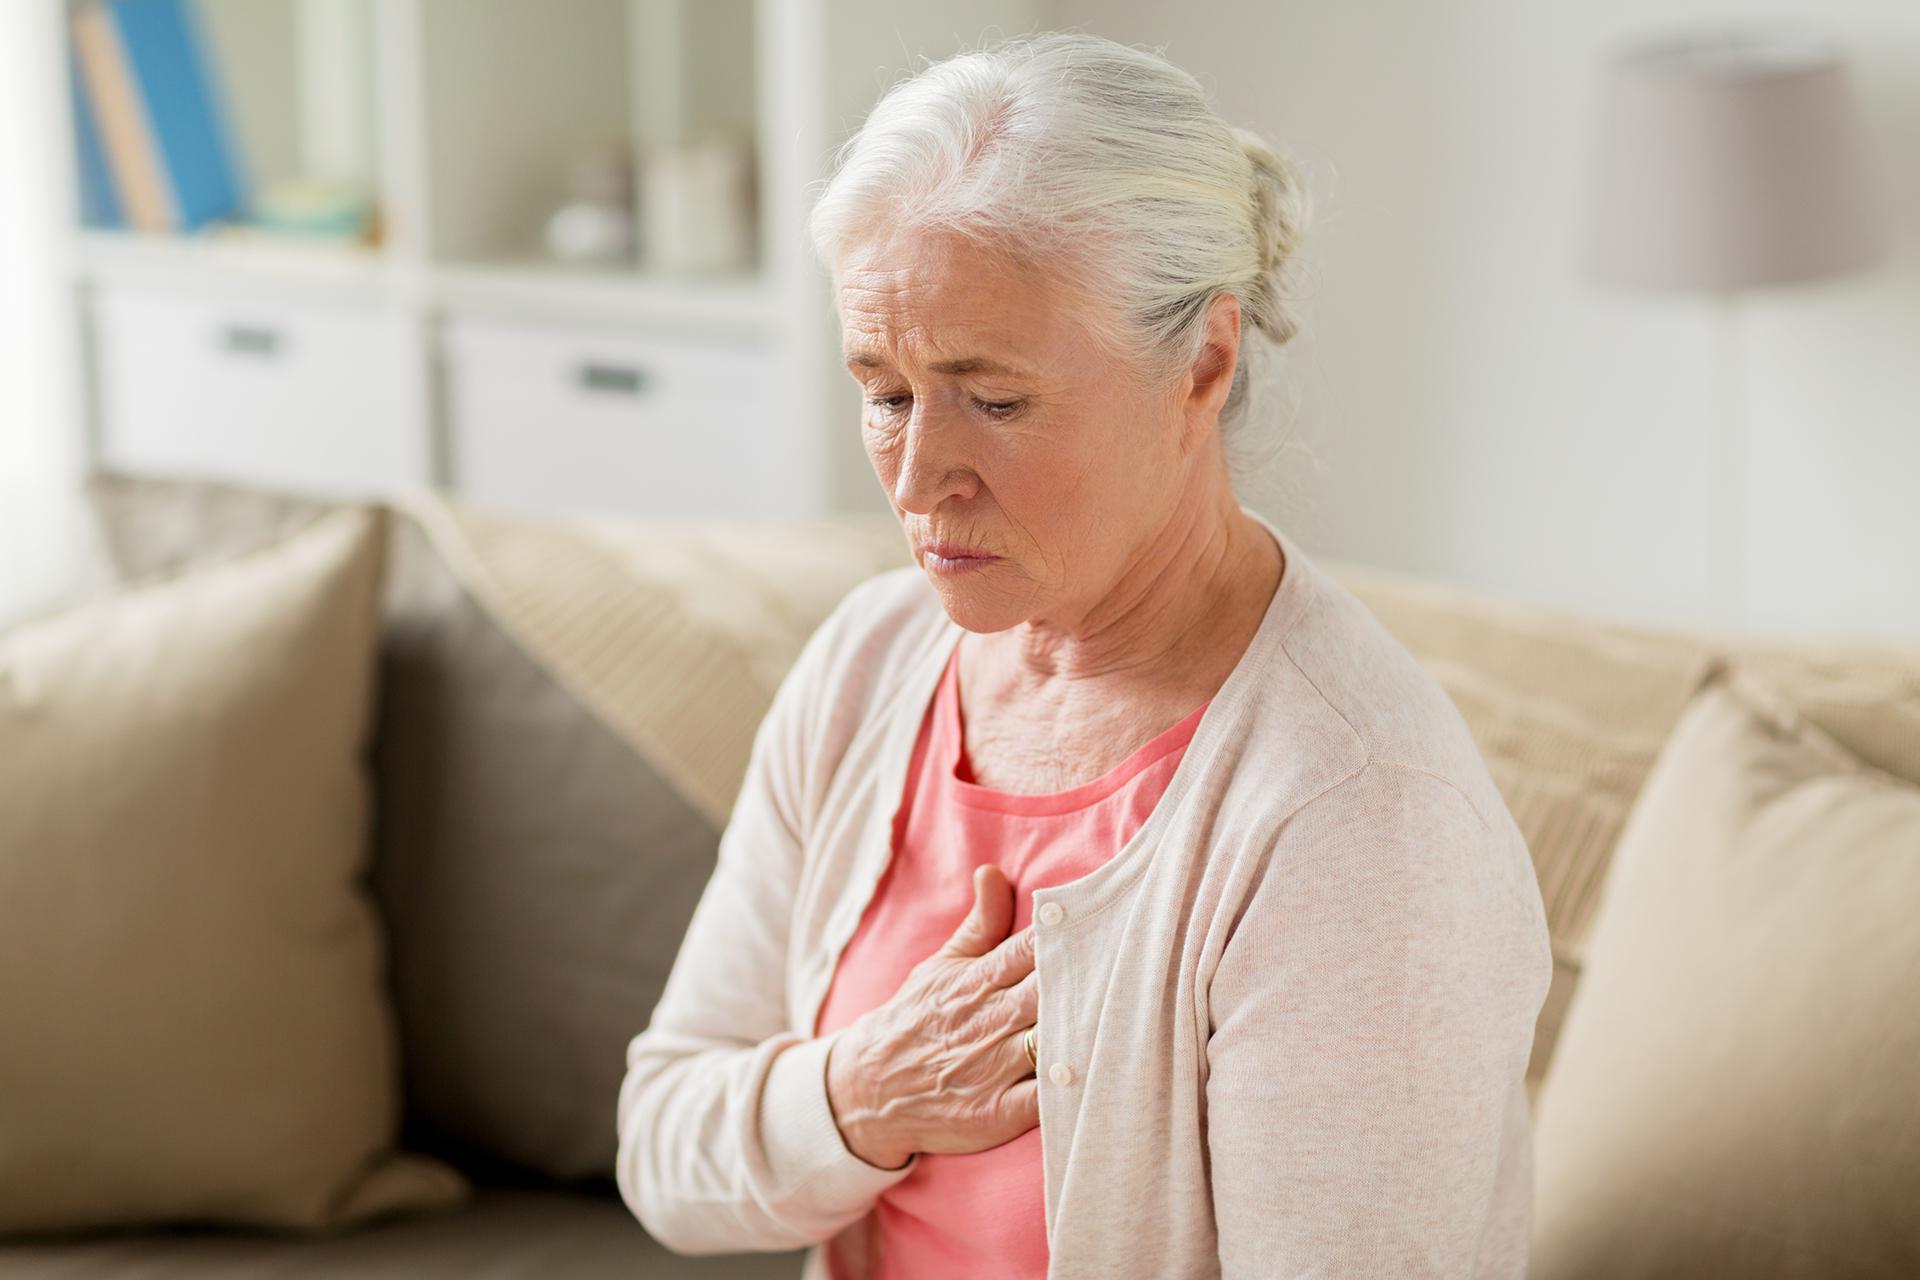 heart-patient-whittier